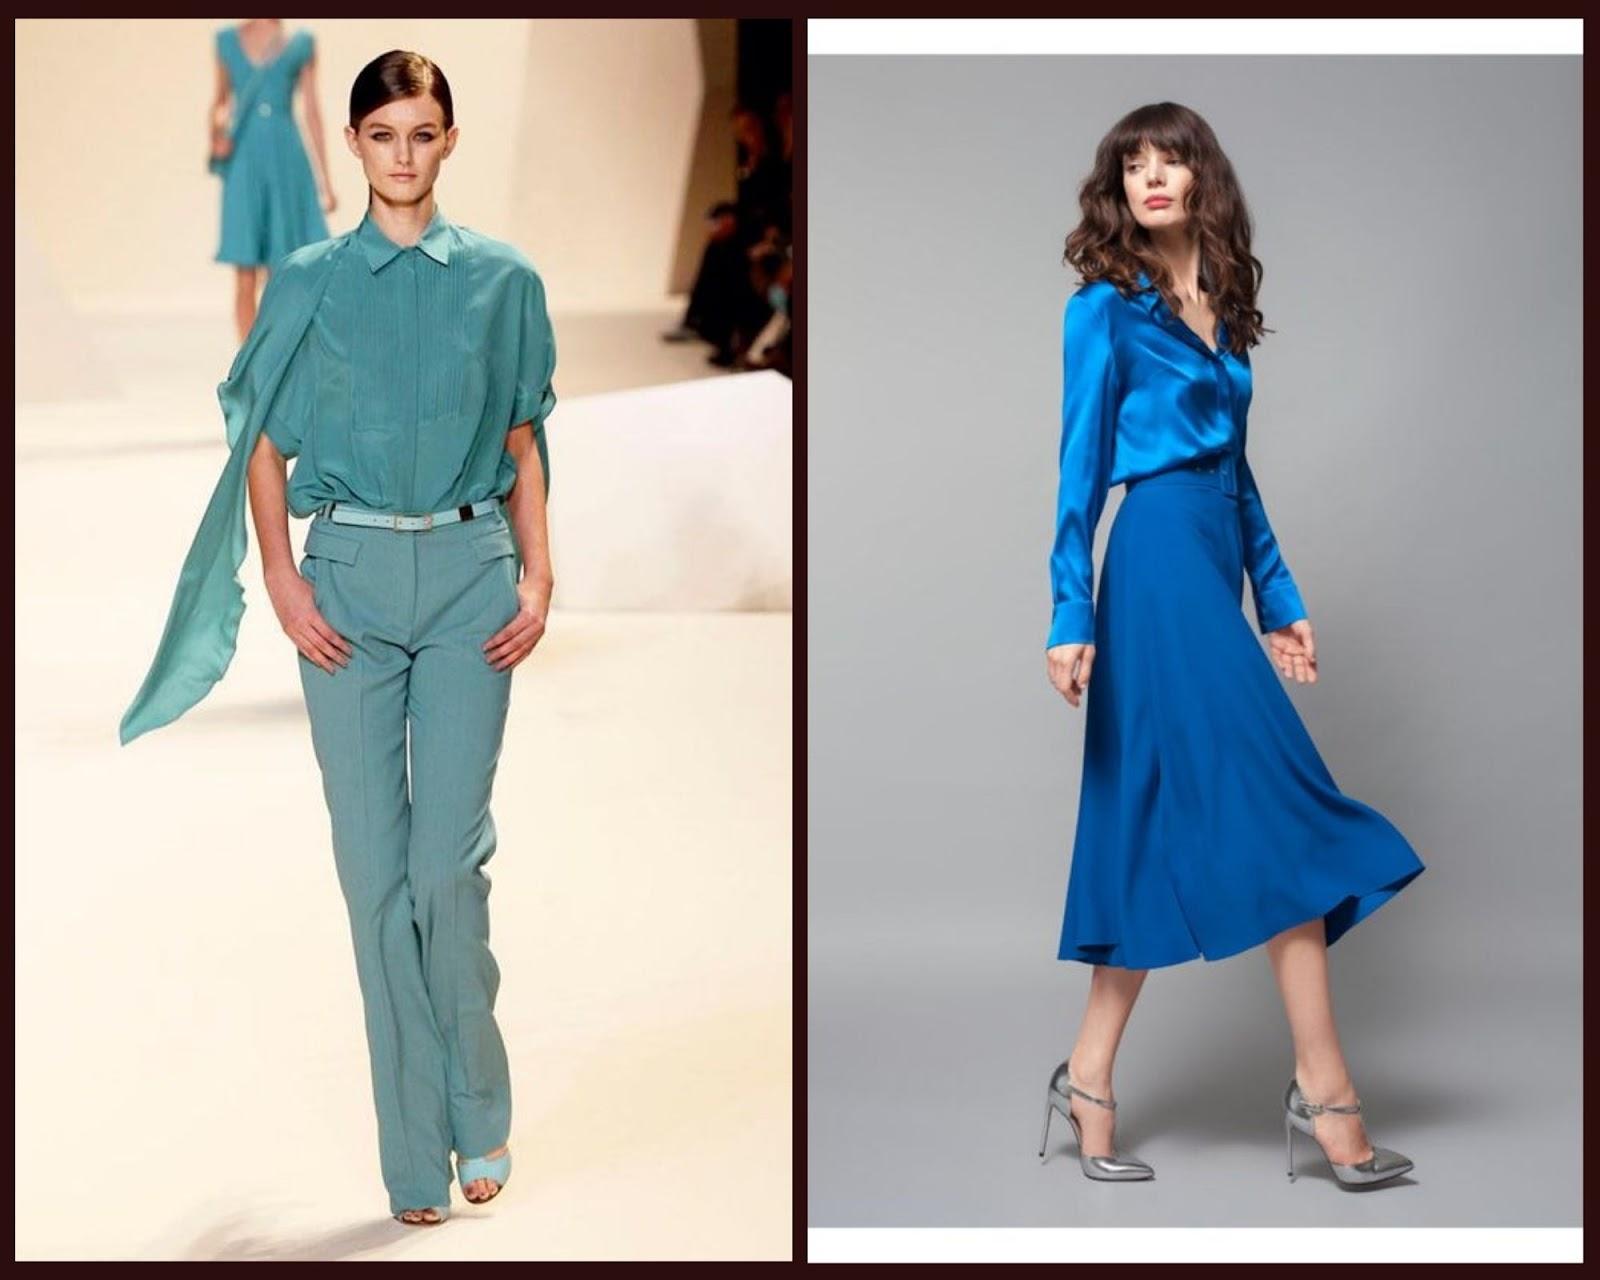 Mẹo nhỏ: Màu sắc của trang phục nói lên tính cách của chúng ta - ảnh 5